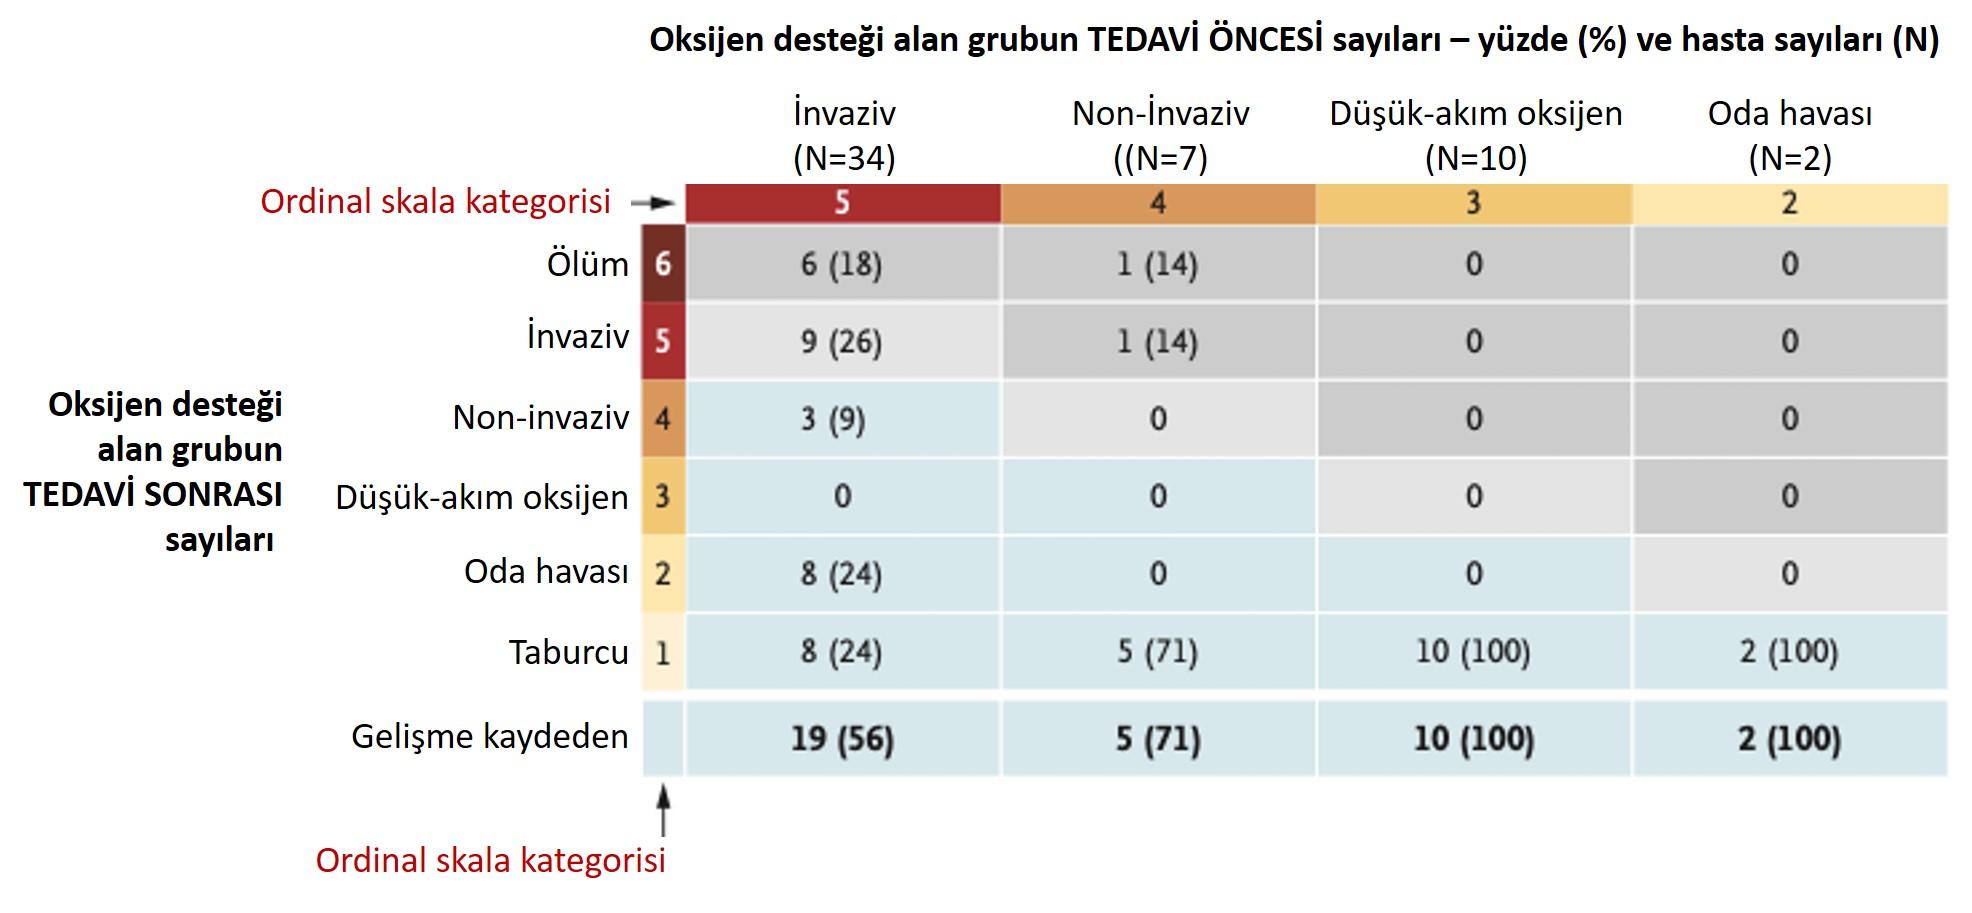 oksijen desteği alan grubun remdesivir tedavisi öncesi ve sonrası durumları